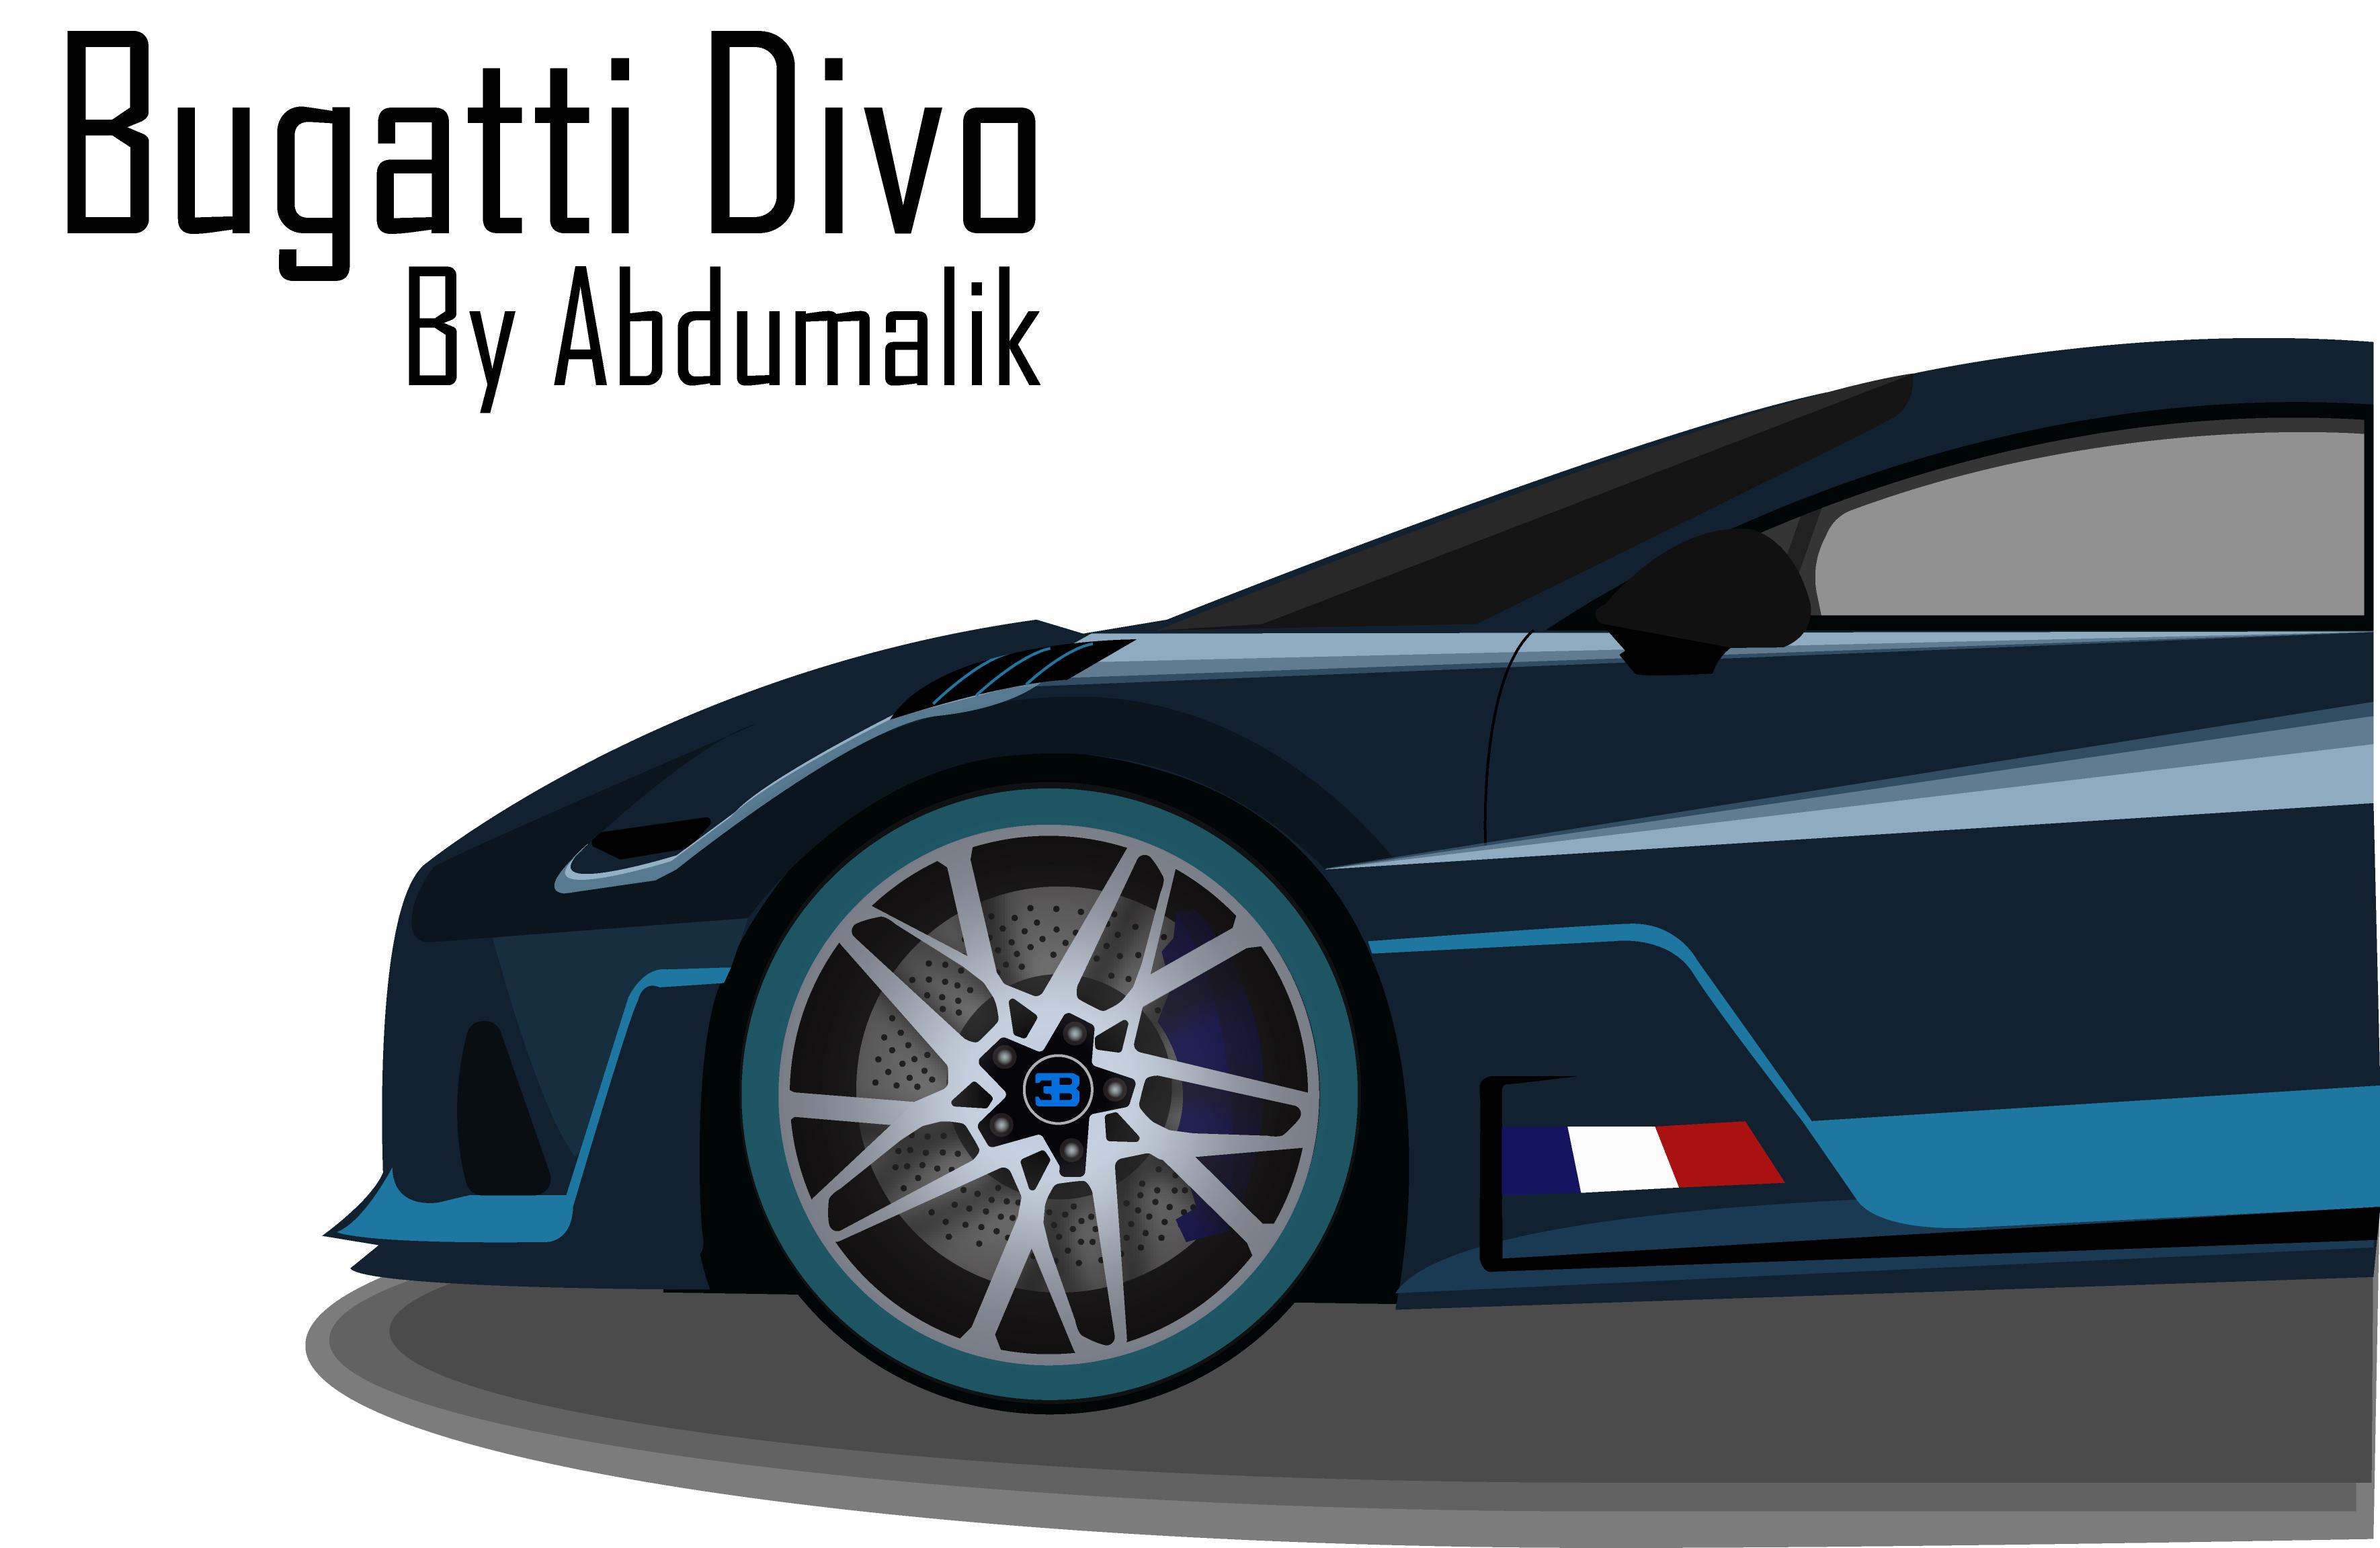 Bugatti Divo Vector Illustration By Abdumalik Ganijonov